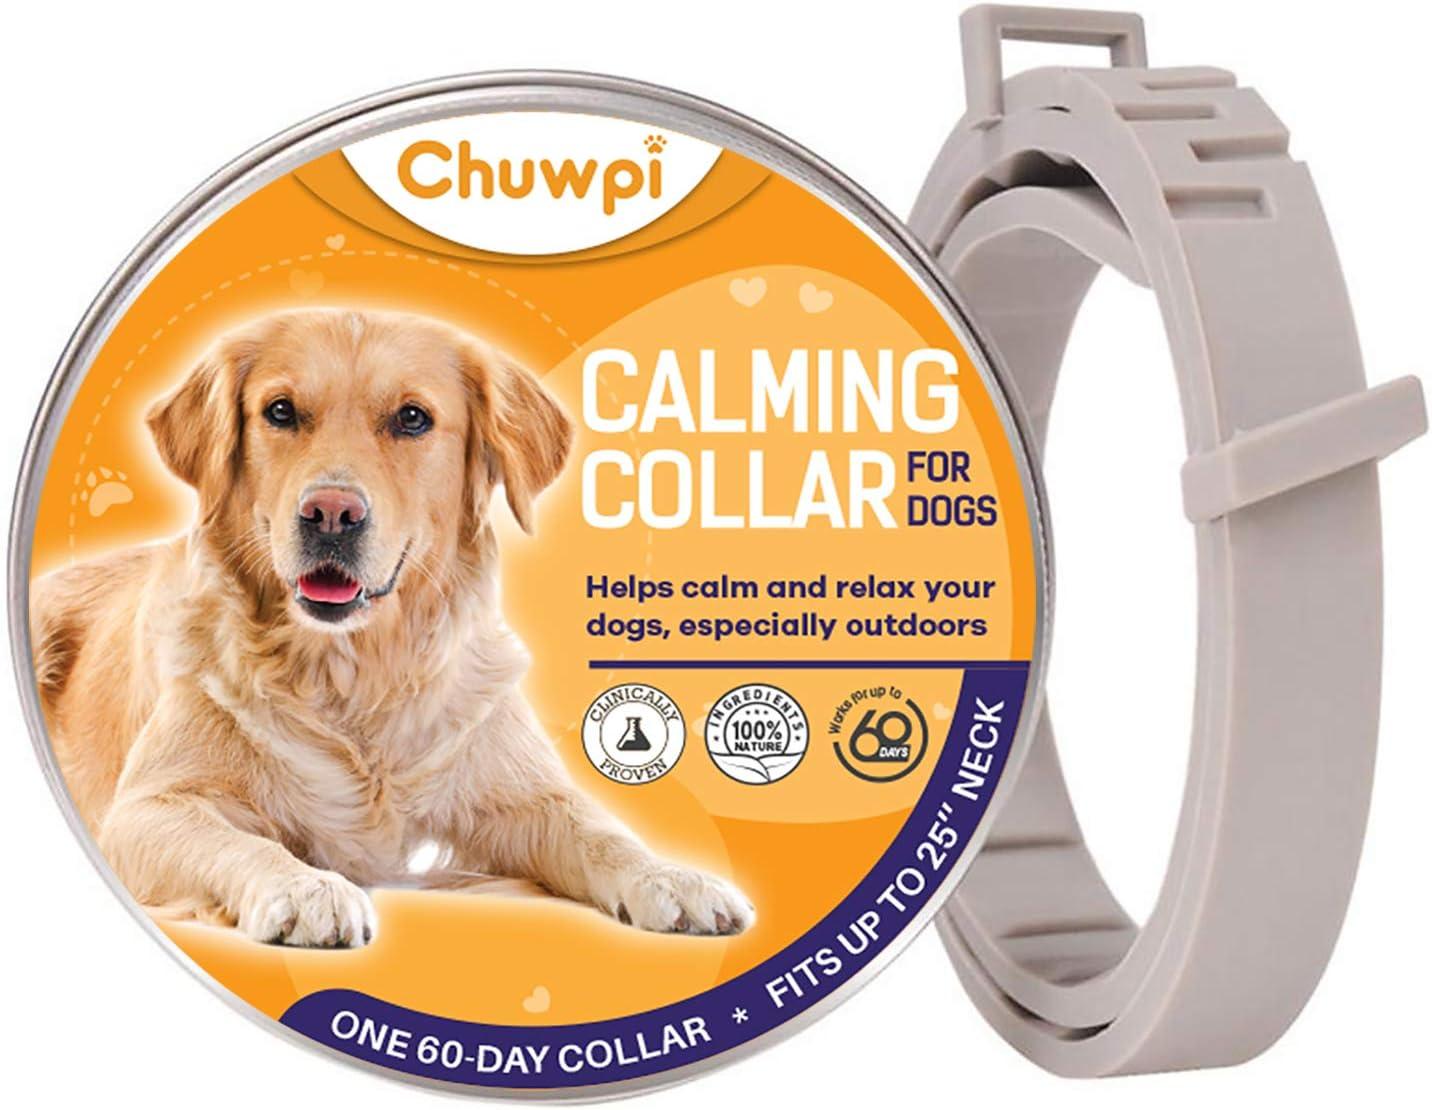 Collare calmo feromone media e grande 100/% naturale regolabile e impermeabile sollievo dallansia per cani di taglia piccola CHUWPI collare calmante per cani